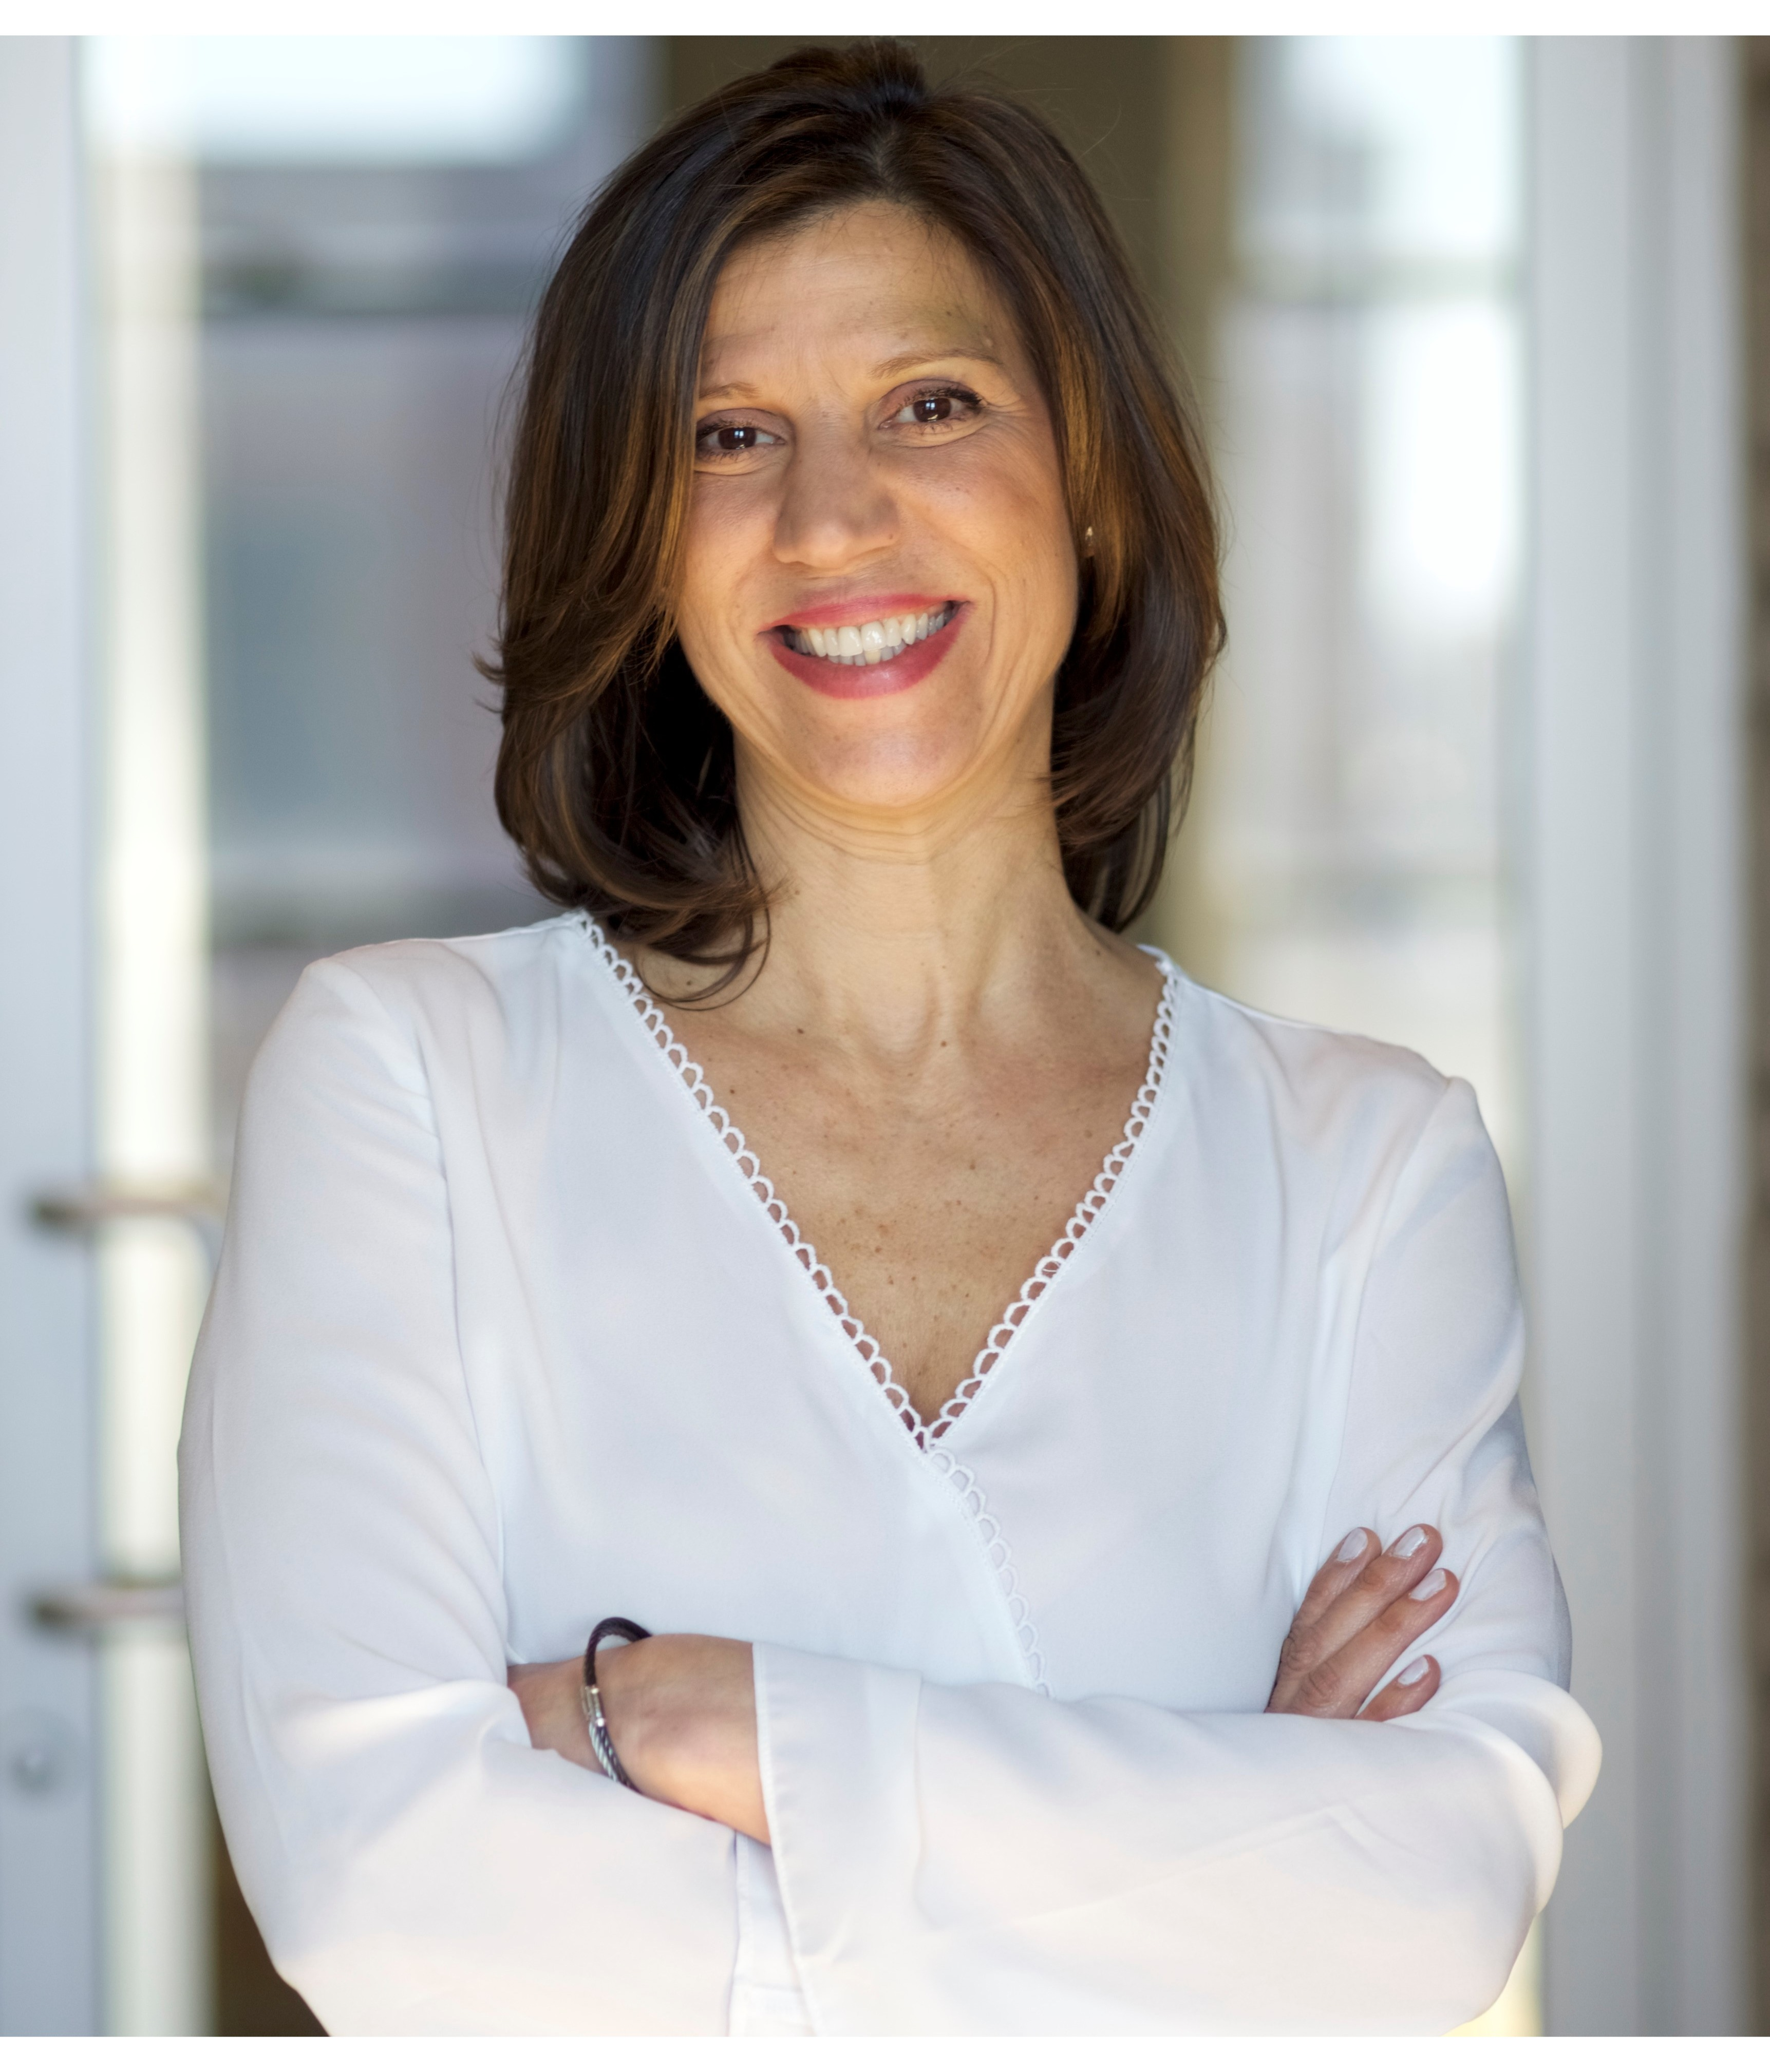 Gina Cirino